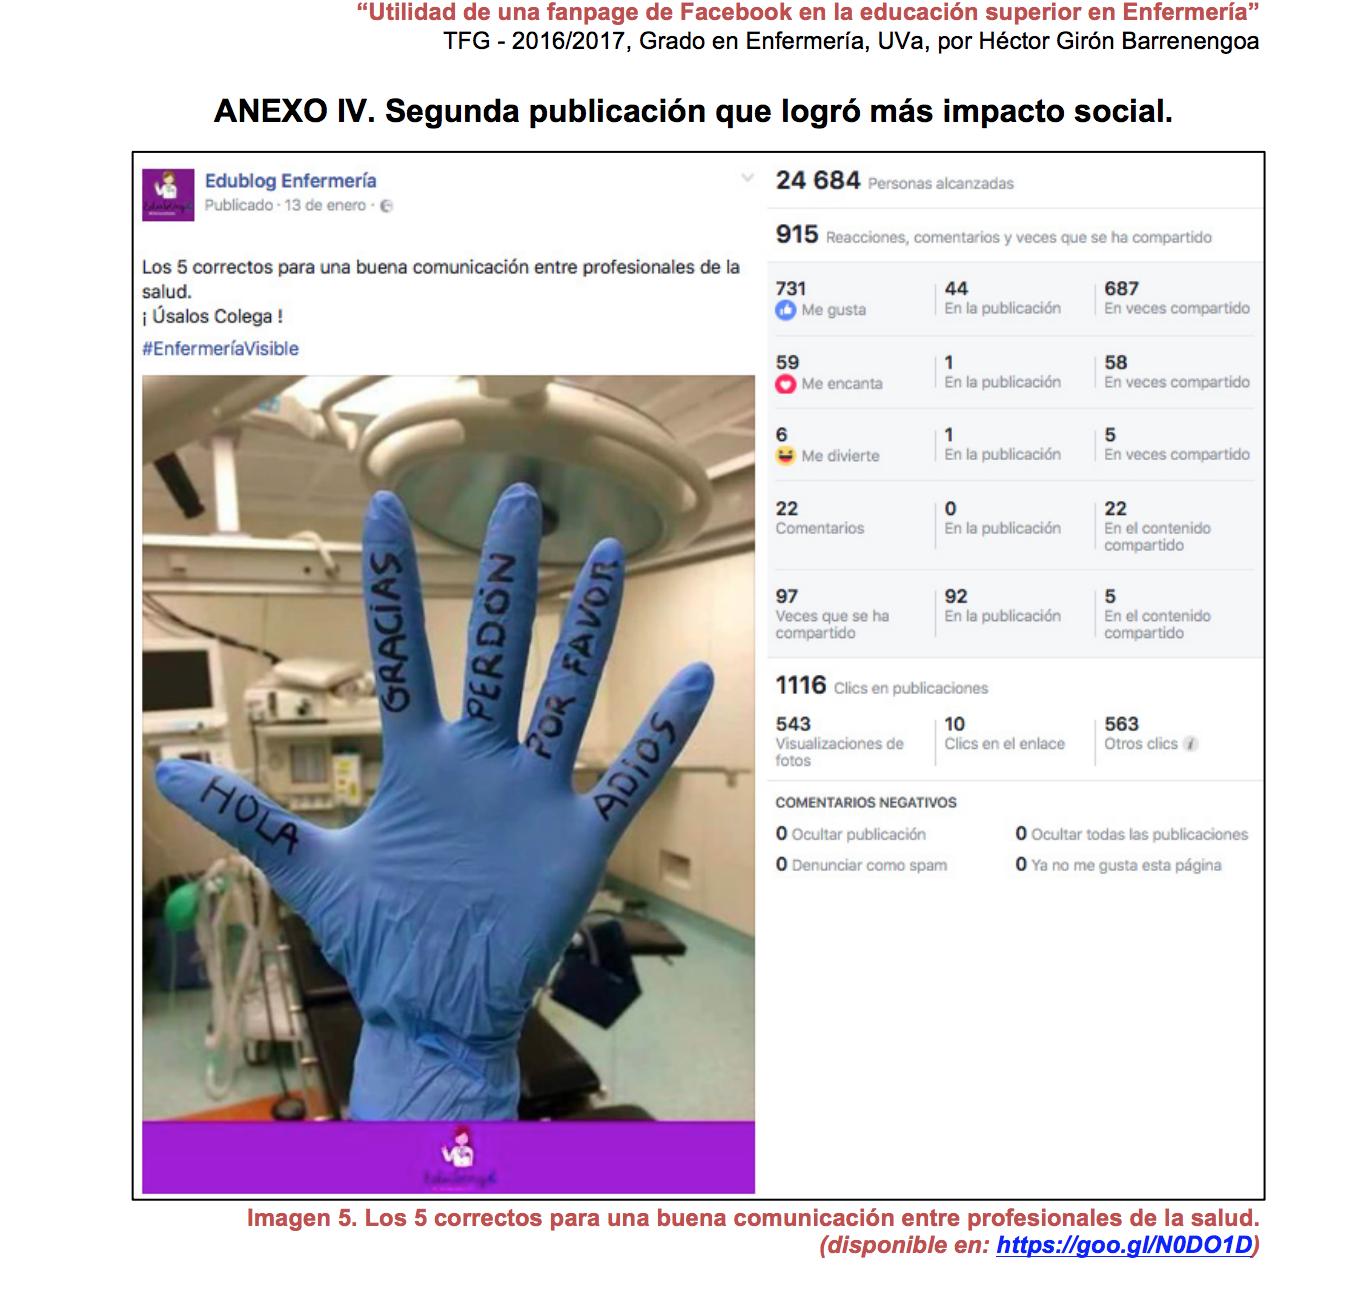 Utilidad de la Fanpage del Edublog Enfermeria